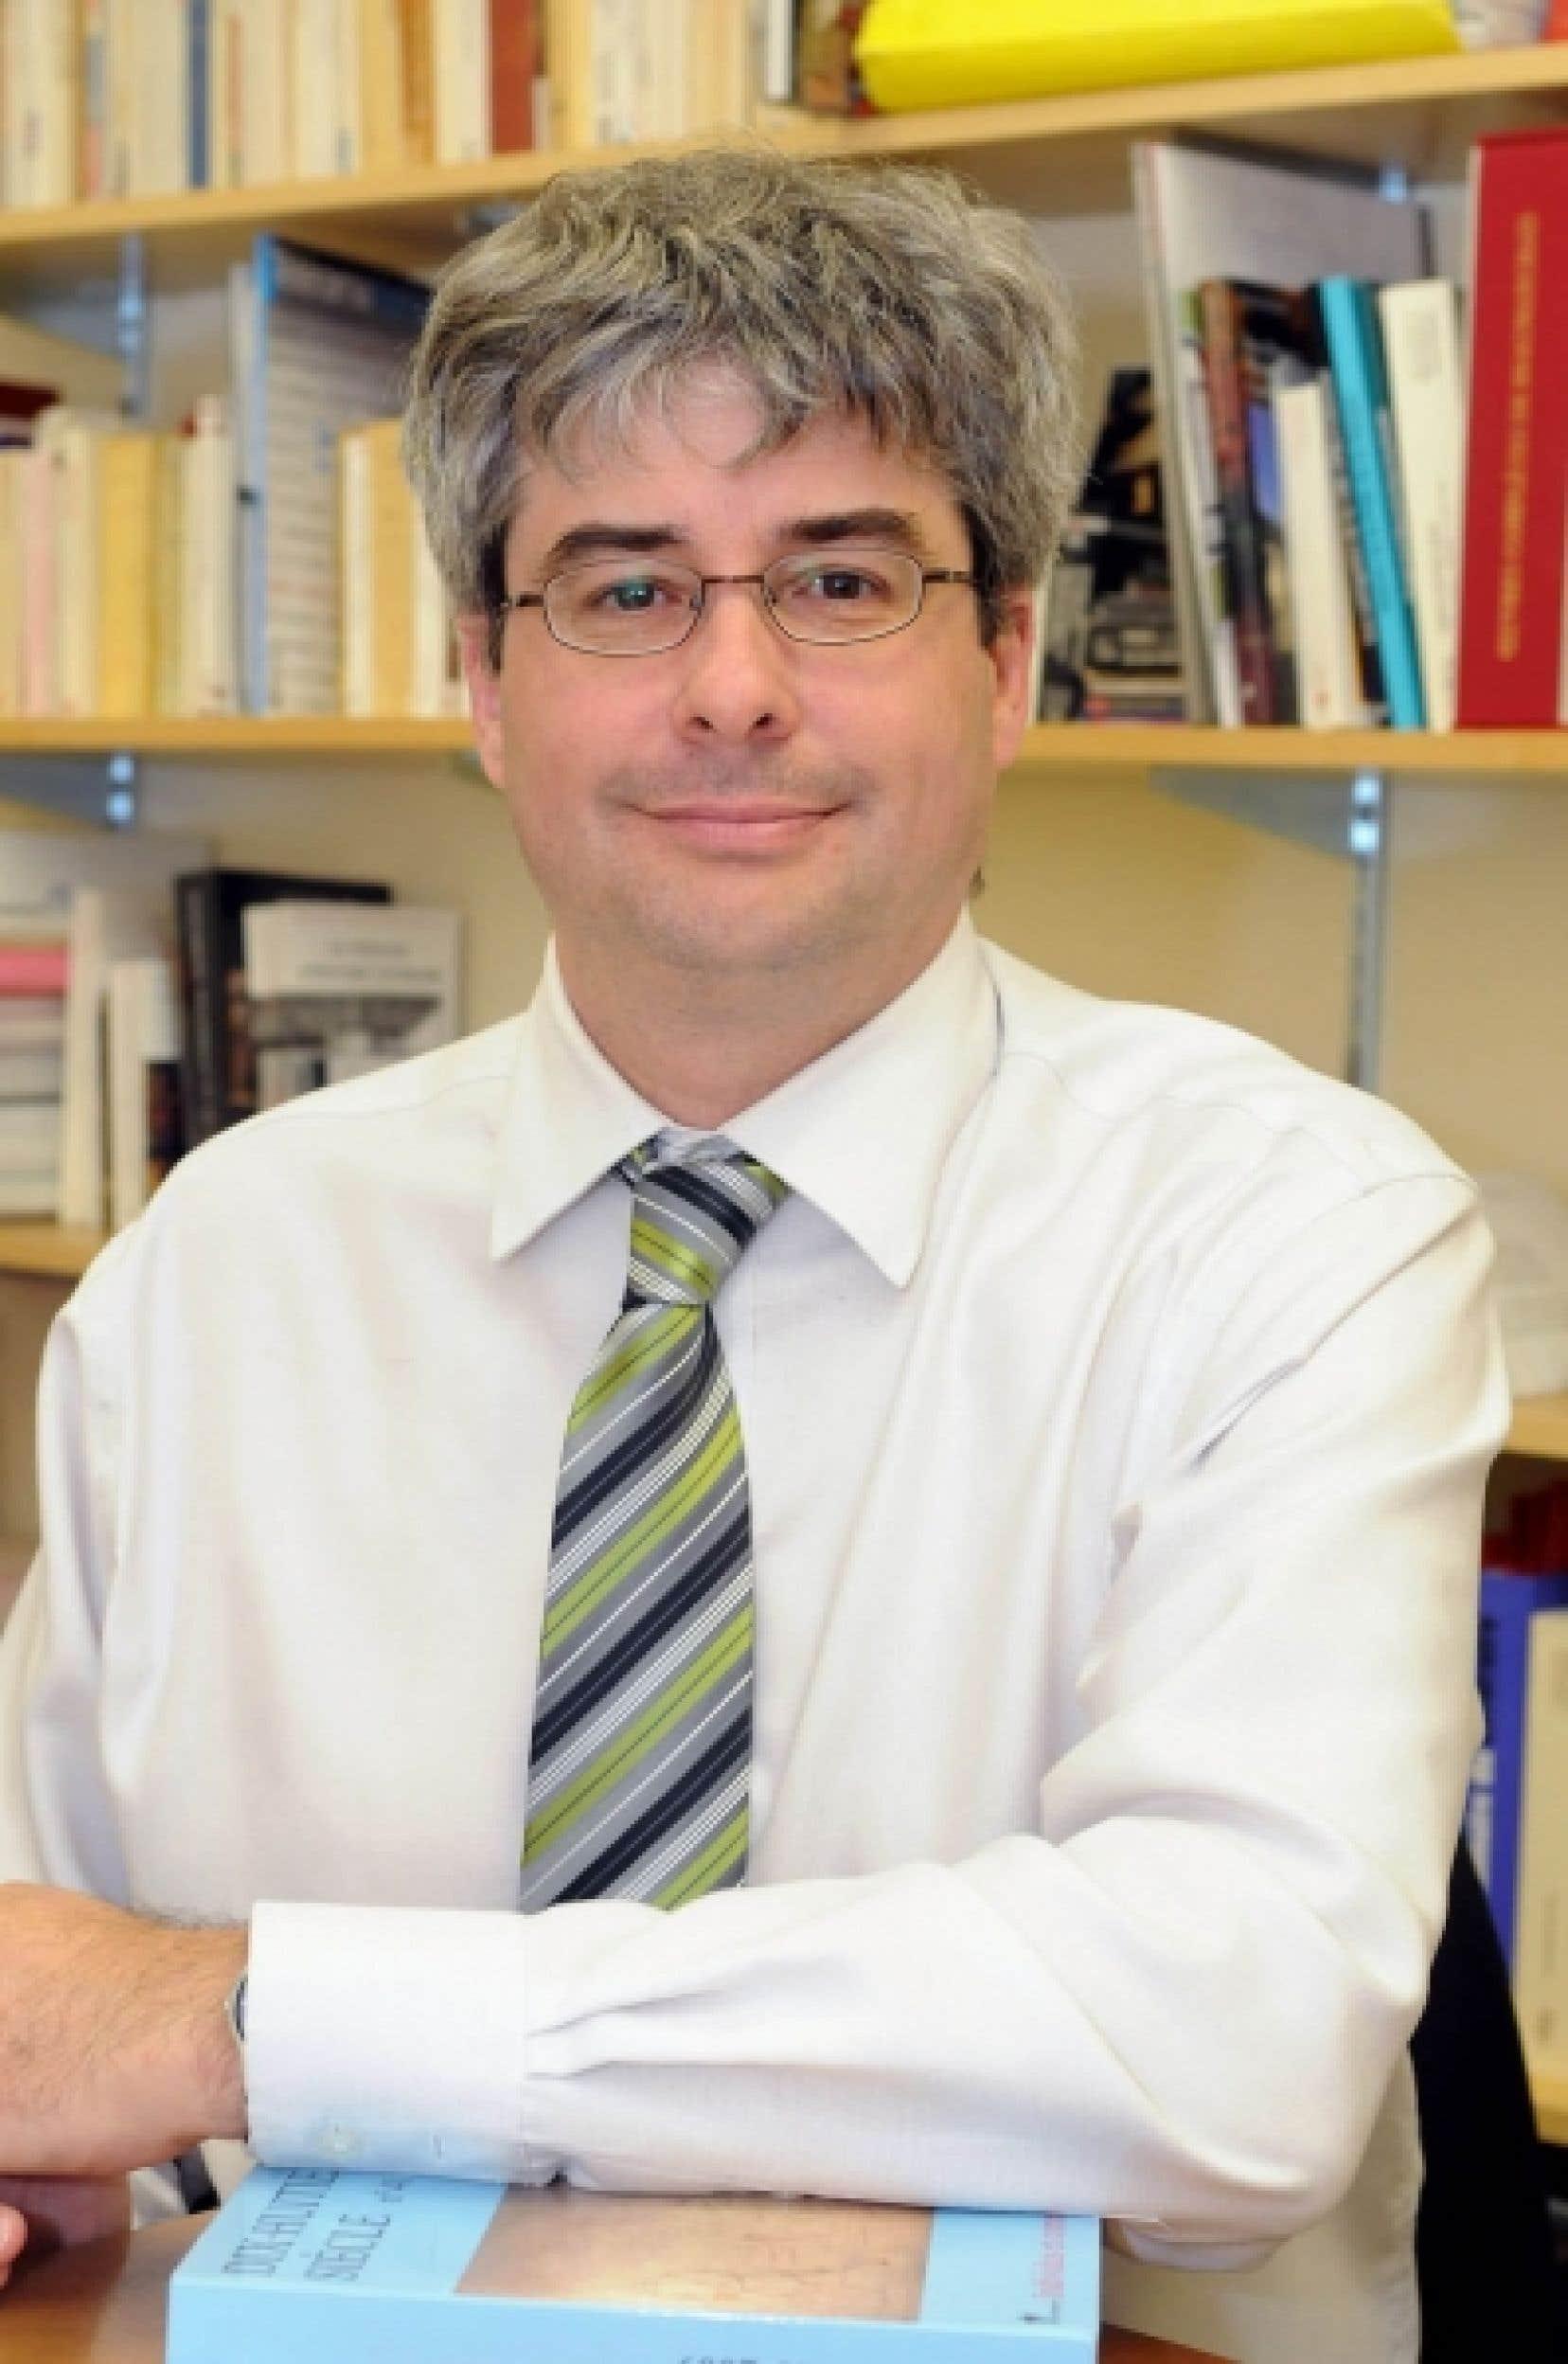 Marc André Bernier, titulaire de la Chaire de recherche du Canada en rhétorique et professeur au Département de lettres et communication sociale de l'Université du Québec à Trois-Rivières